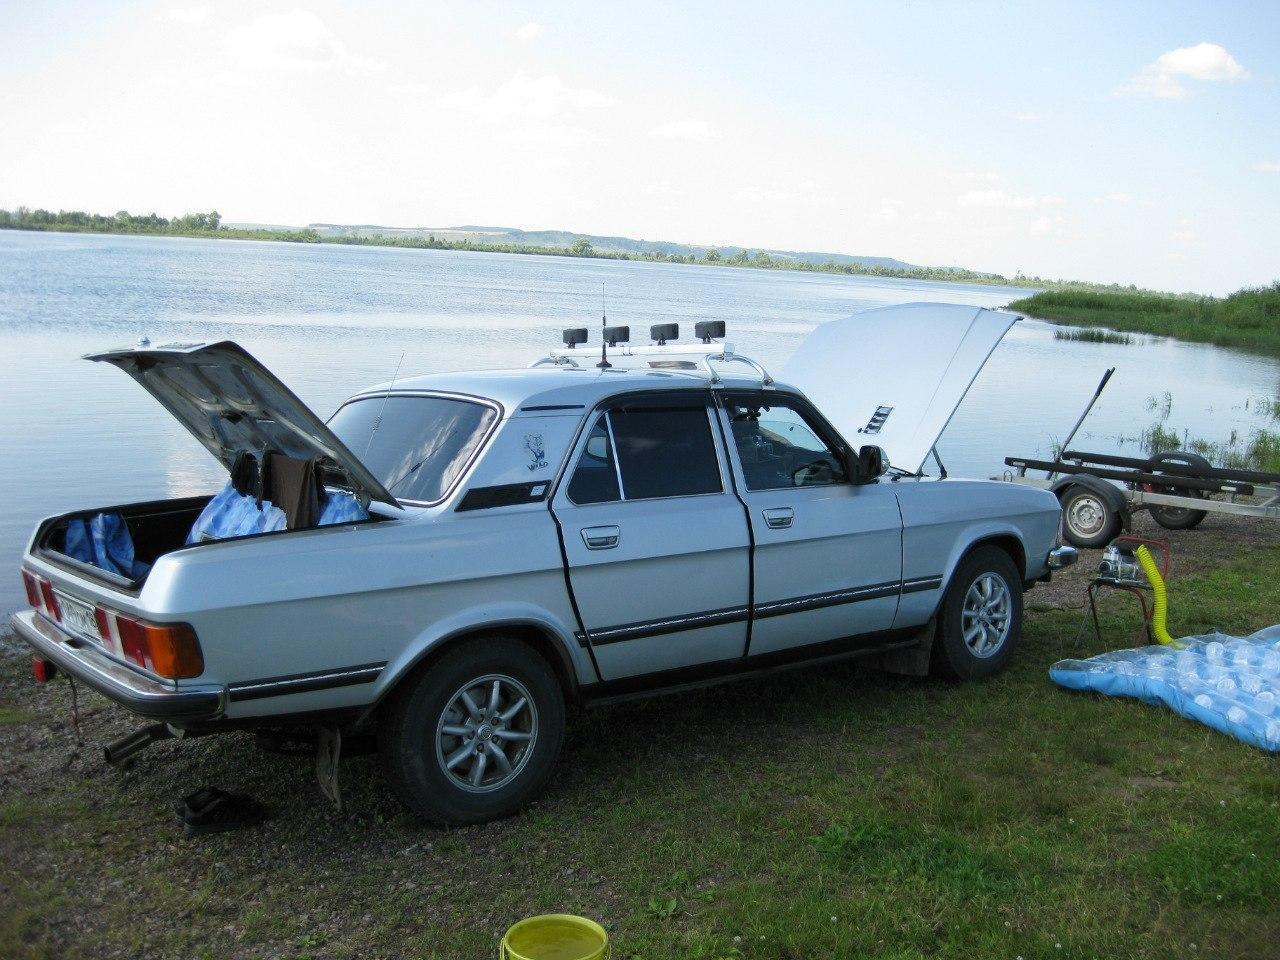 Волга, оснащенная слишком большим количеством колхозных элементов салона